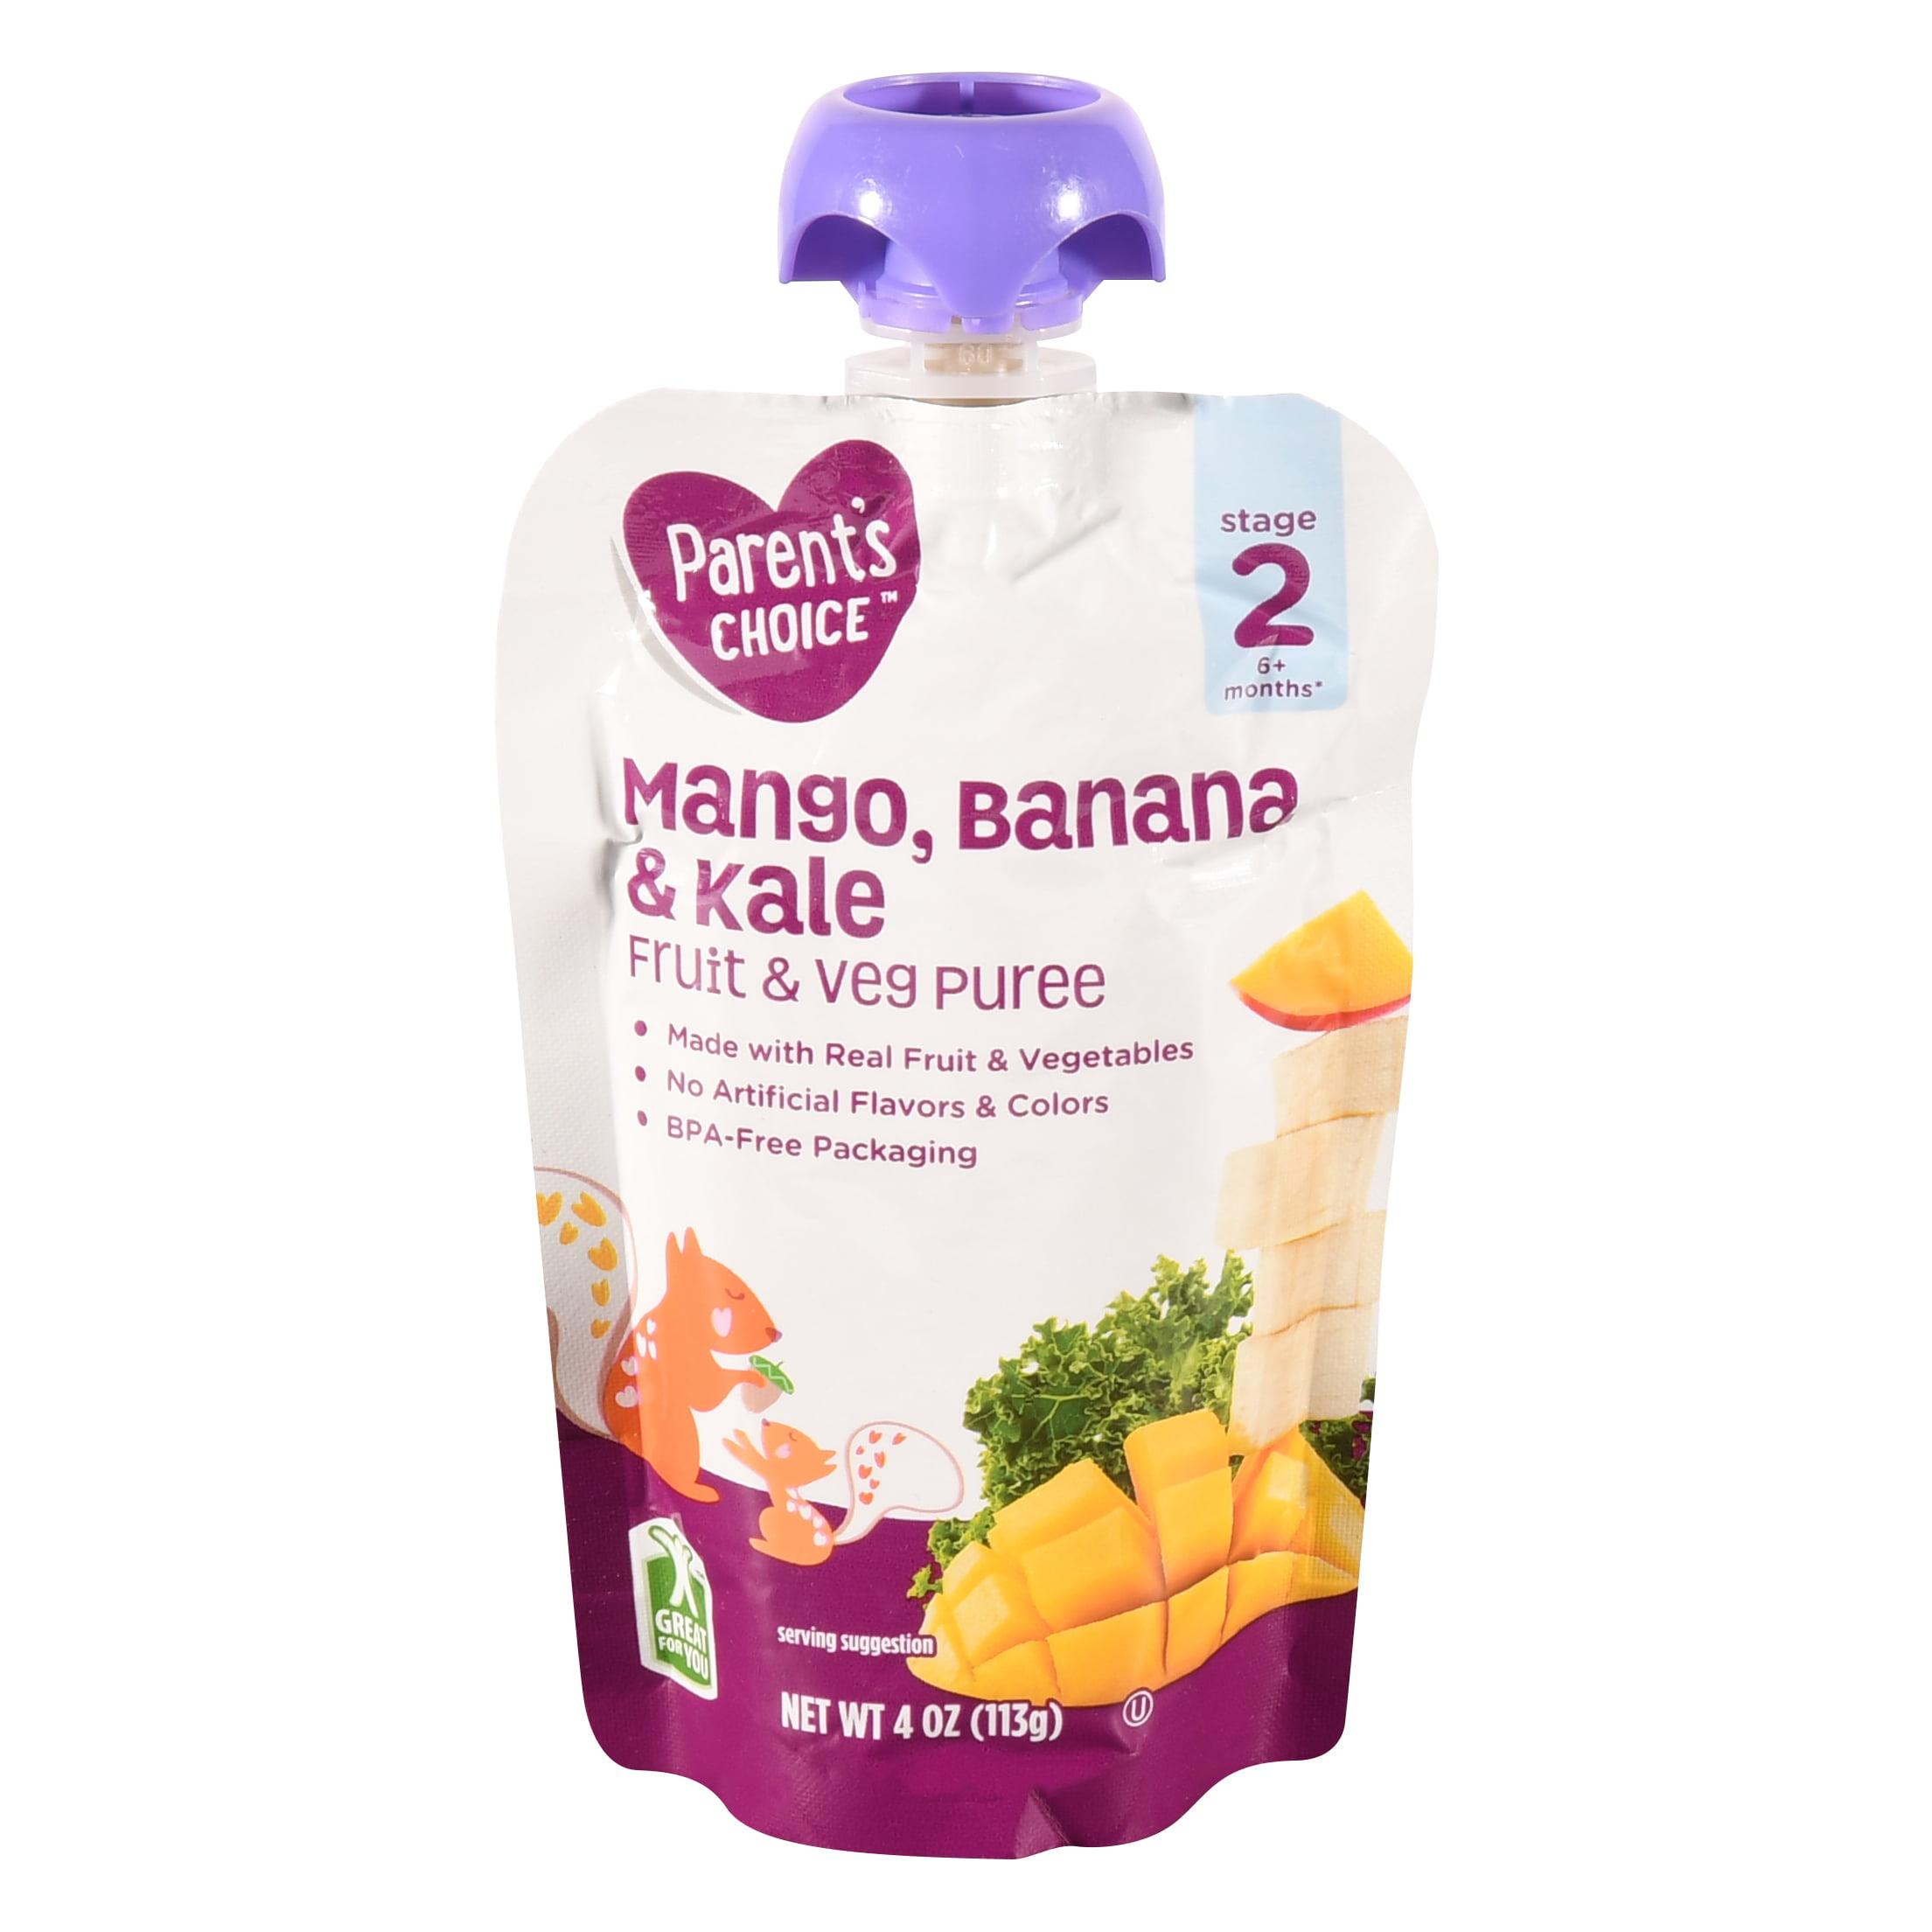 Parent's Choice Mango, Banana & Kale, Stage 2, 4 oz Pouch